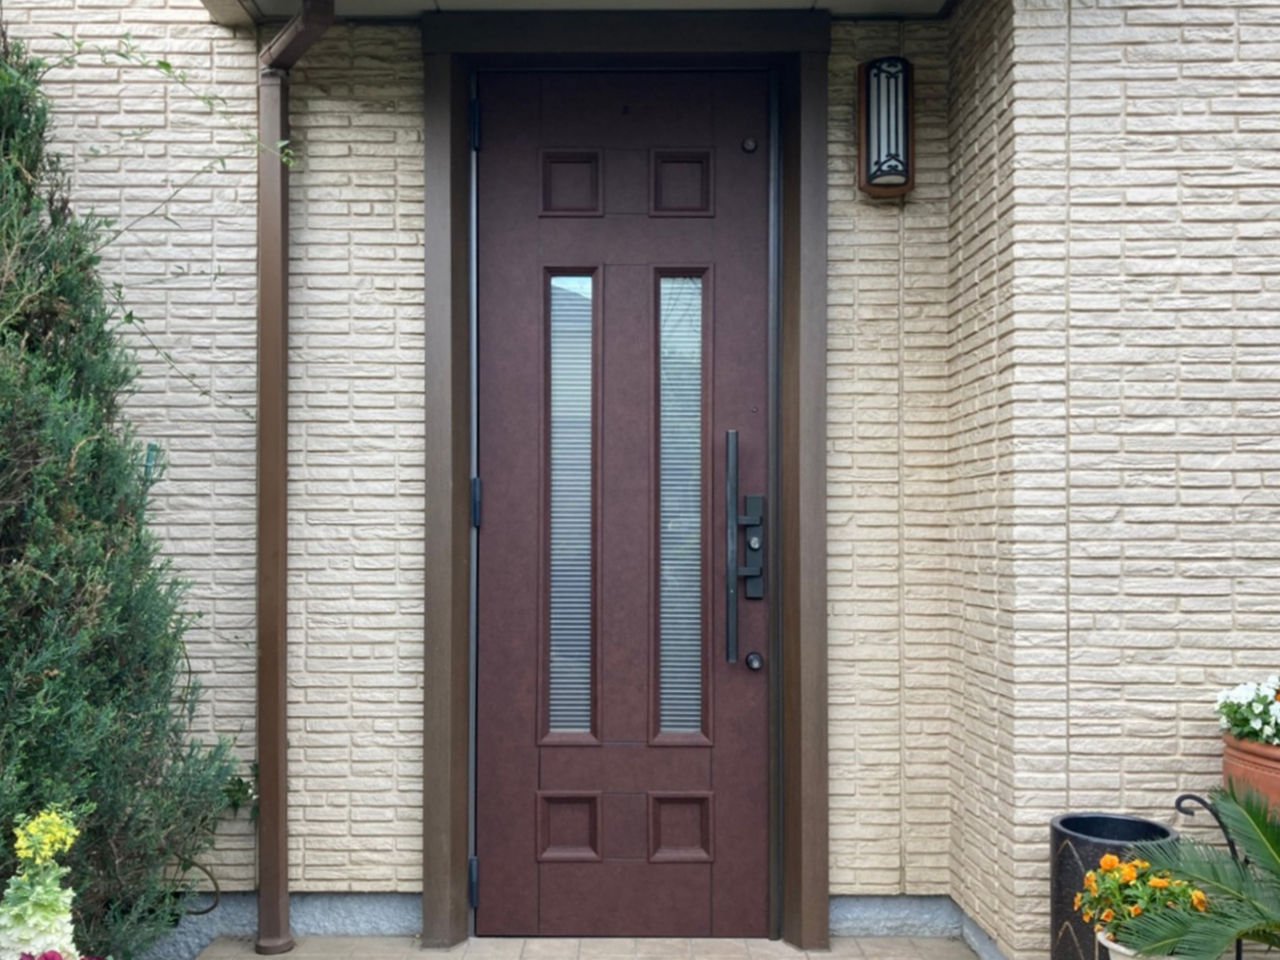 1DAYリフォーム!玄関ドアへのダイノックフィルム貼りでまるで新品!日焼けに強くお手入れも簡単!